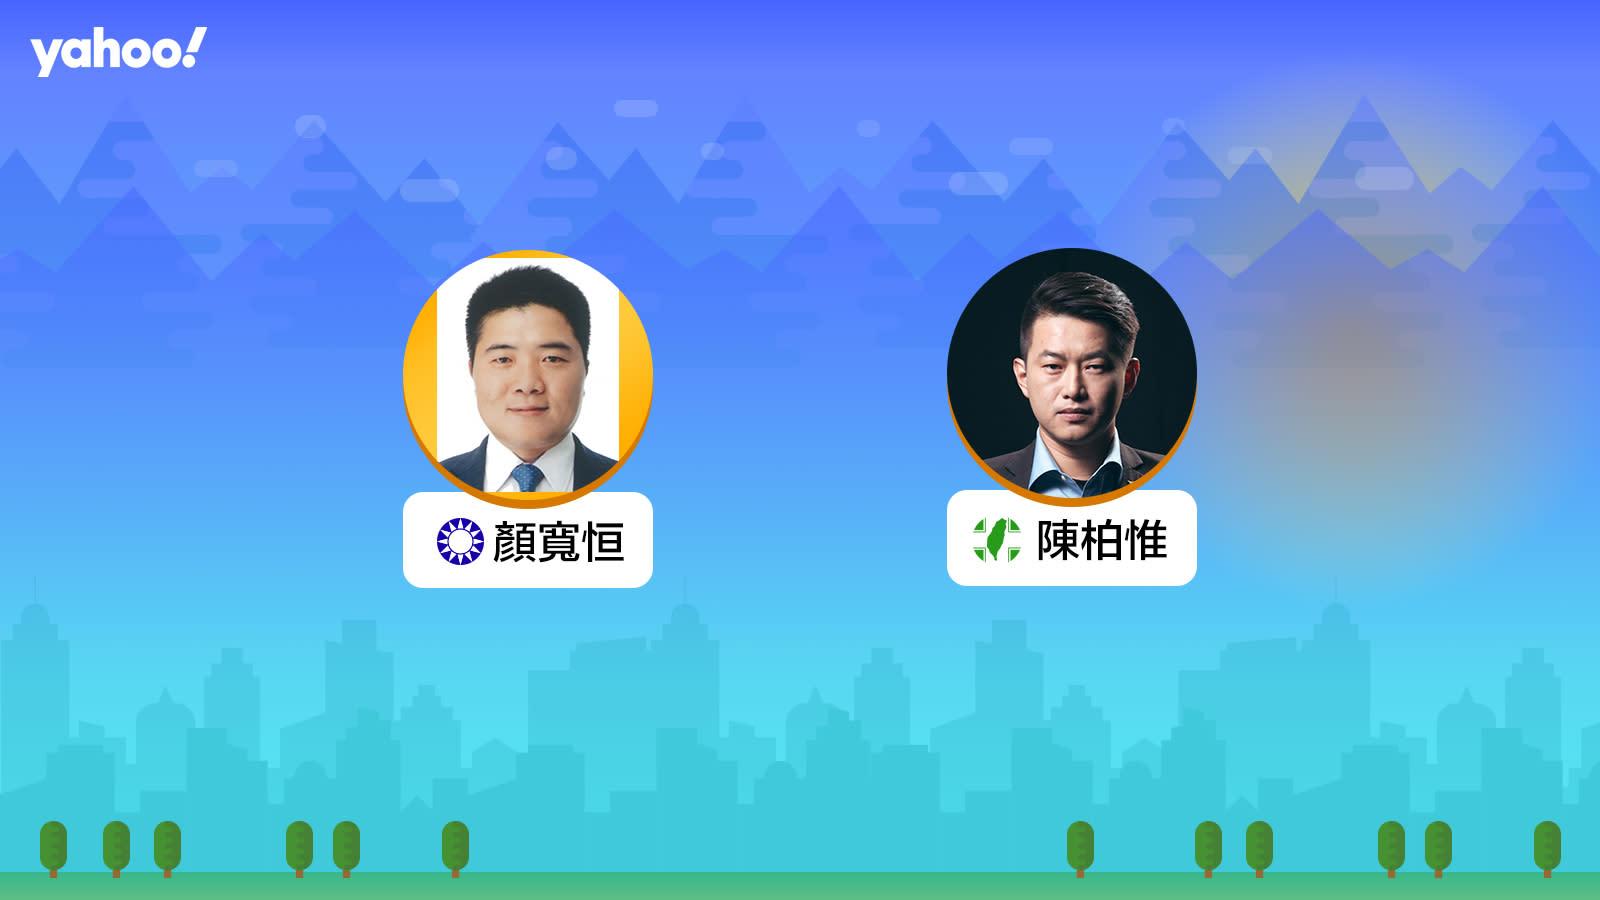 2020立委選舉台中市第二選區(沙鹿,烏日,大肚,龍井,霧峰,大里),你支持誰?